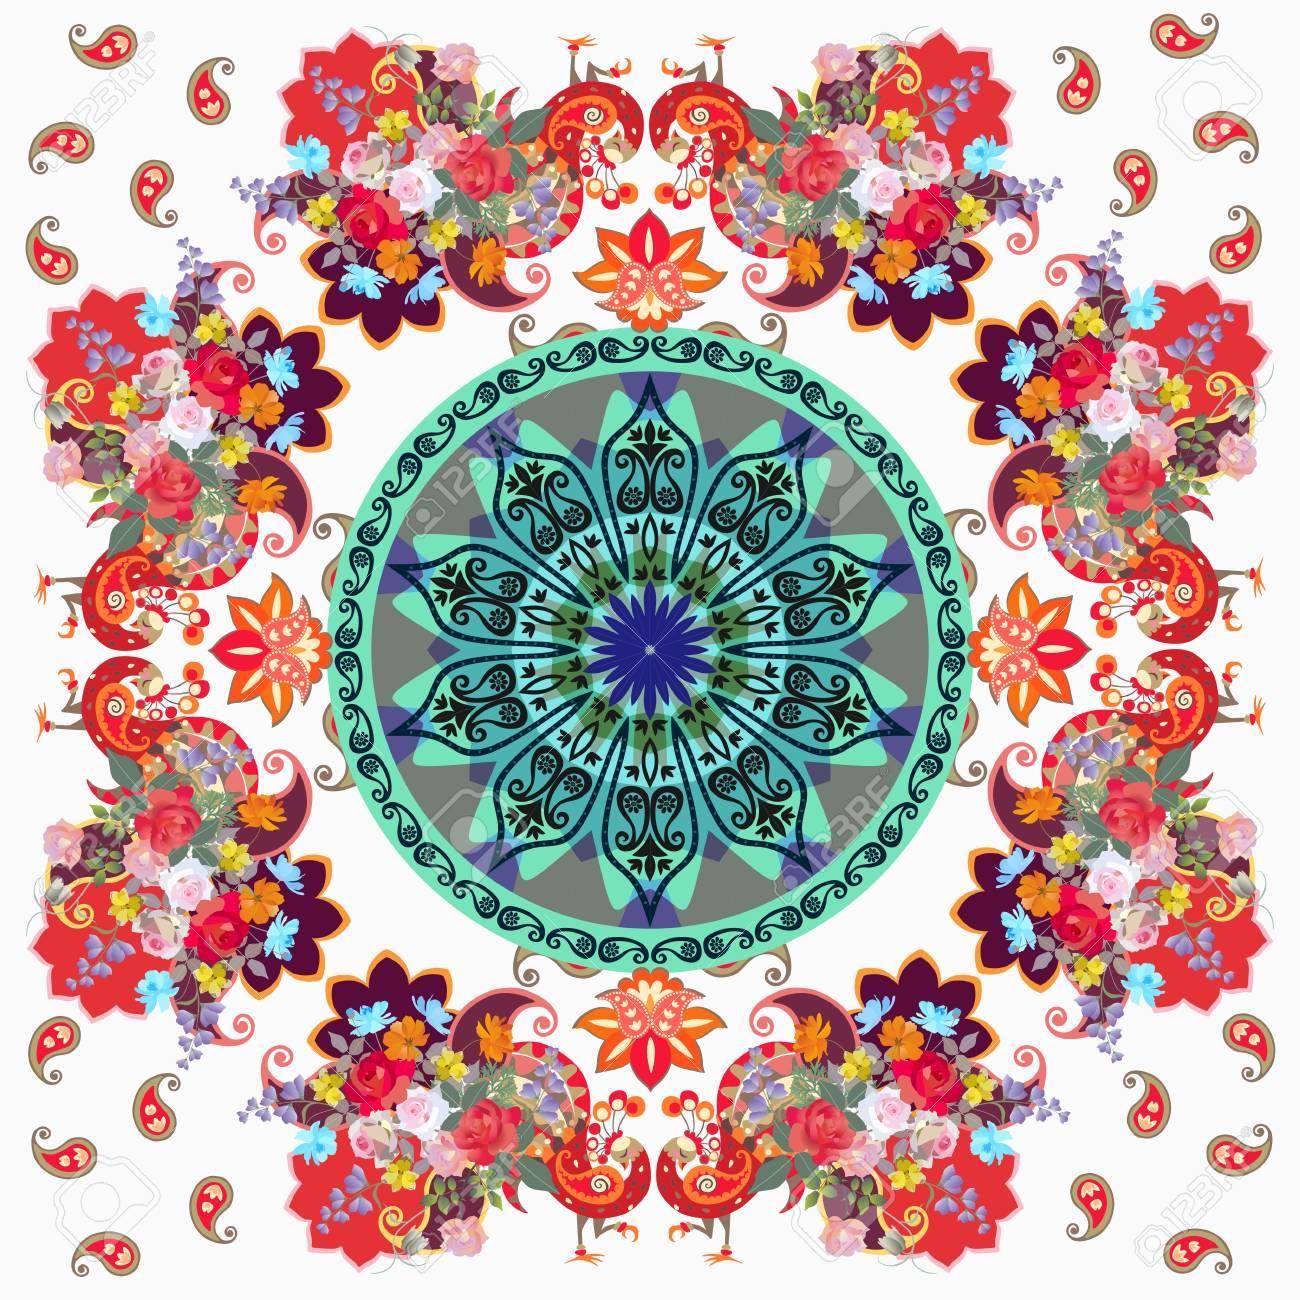 Quadratisches Dekoratives Muster Mit Mandala, Stilisierten Pfaus ...